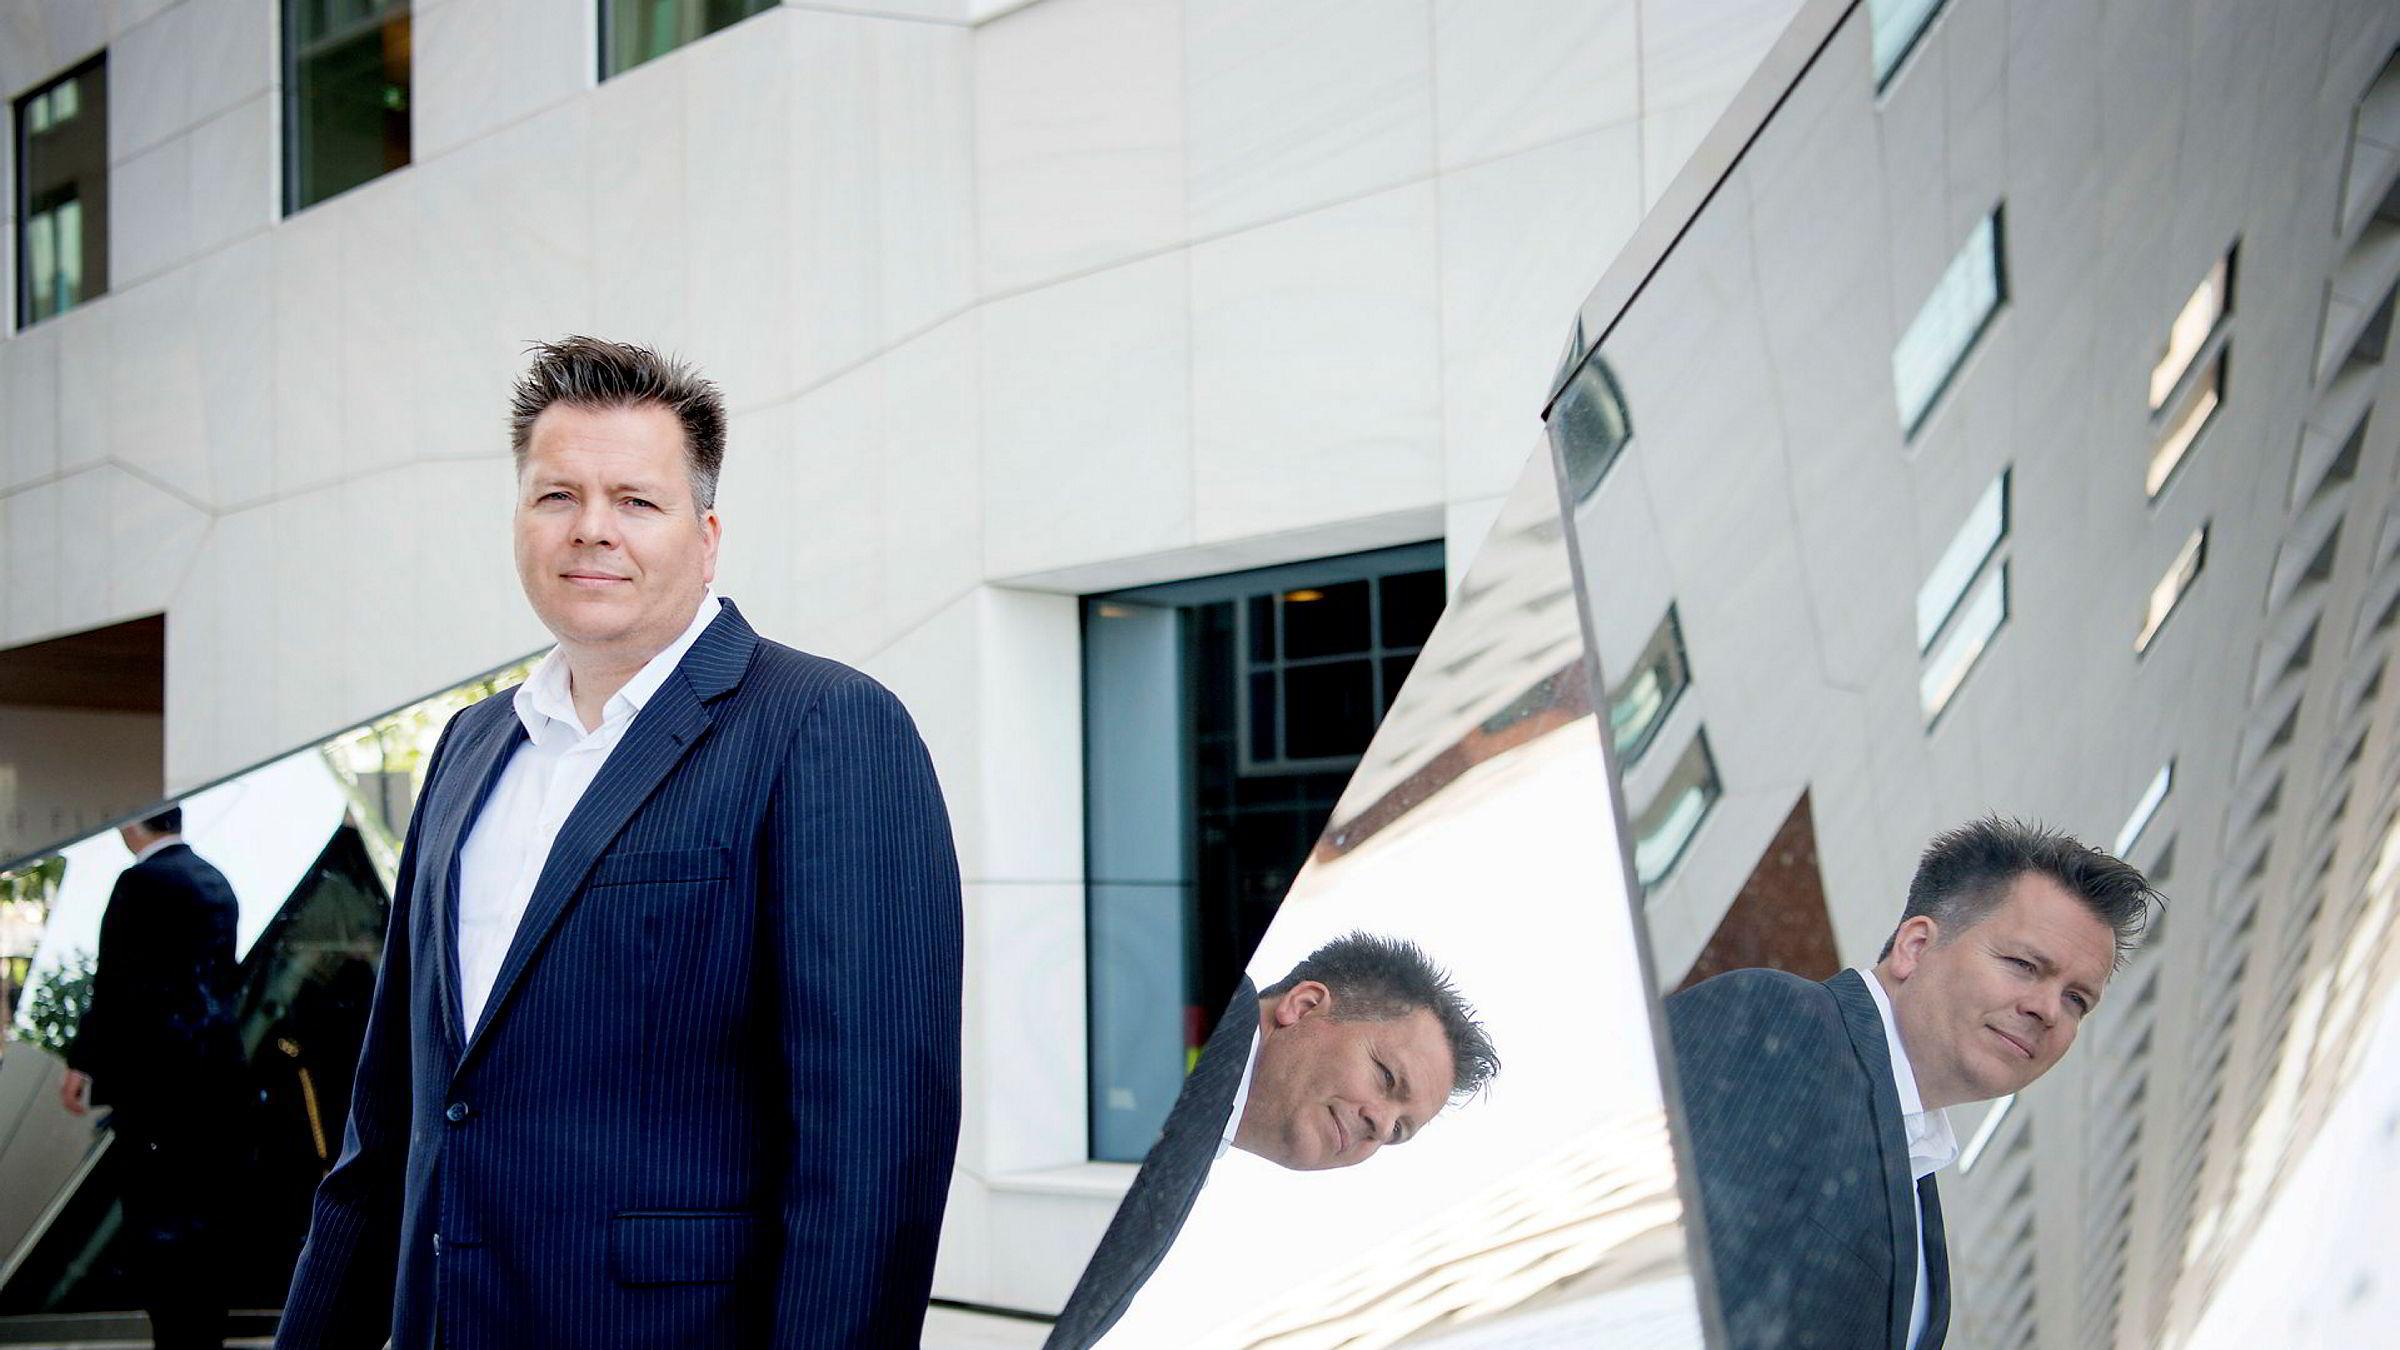 Porteføljeforvalter Torje Gundersen og hans team i DNB Asset Management har for tiden mindre aksjer enn vanlig, og større tro på renter enn aksjer. – I kredittmarkedet er det tatt høyde for mer økonomisk smerte enn i aksjemarkedet.